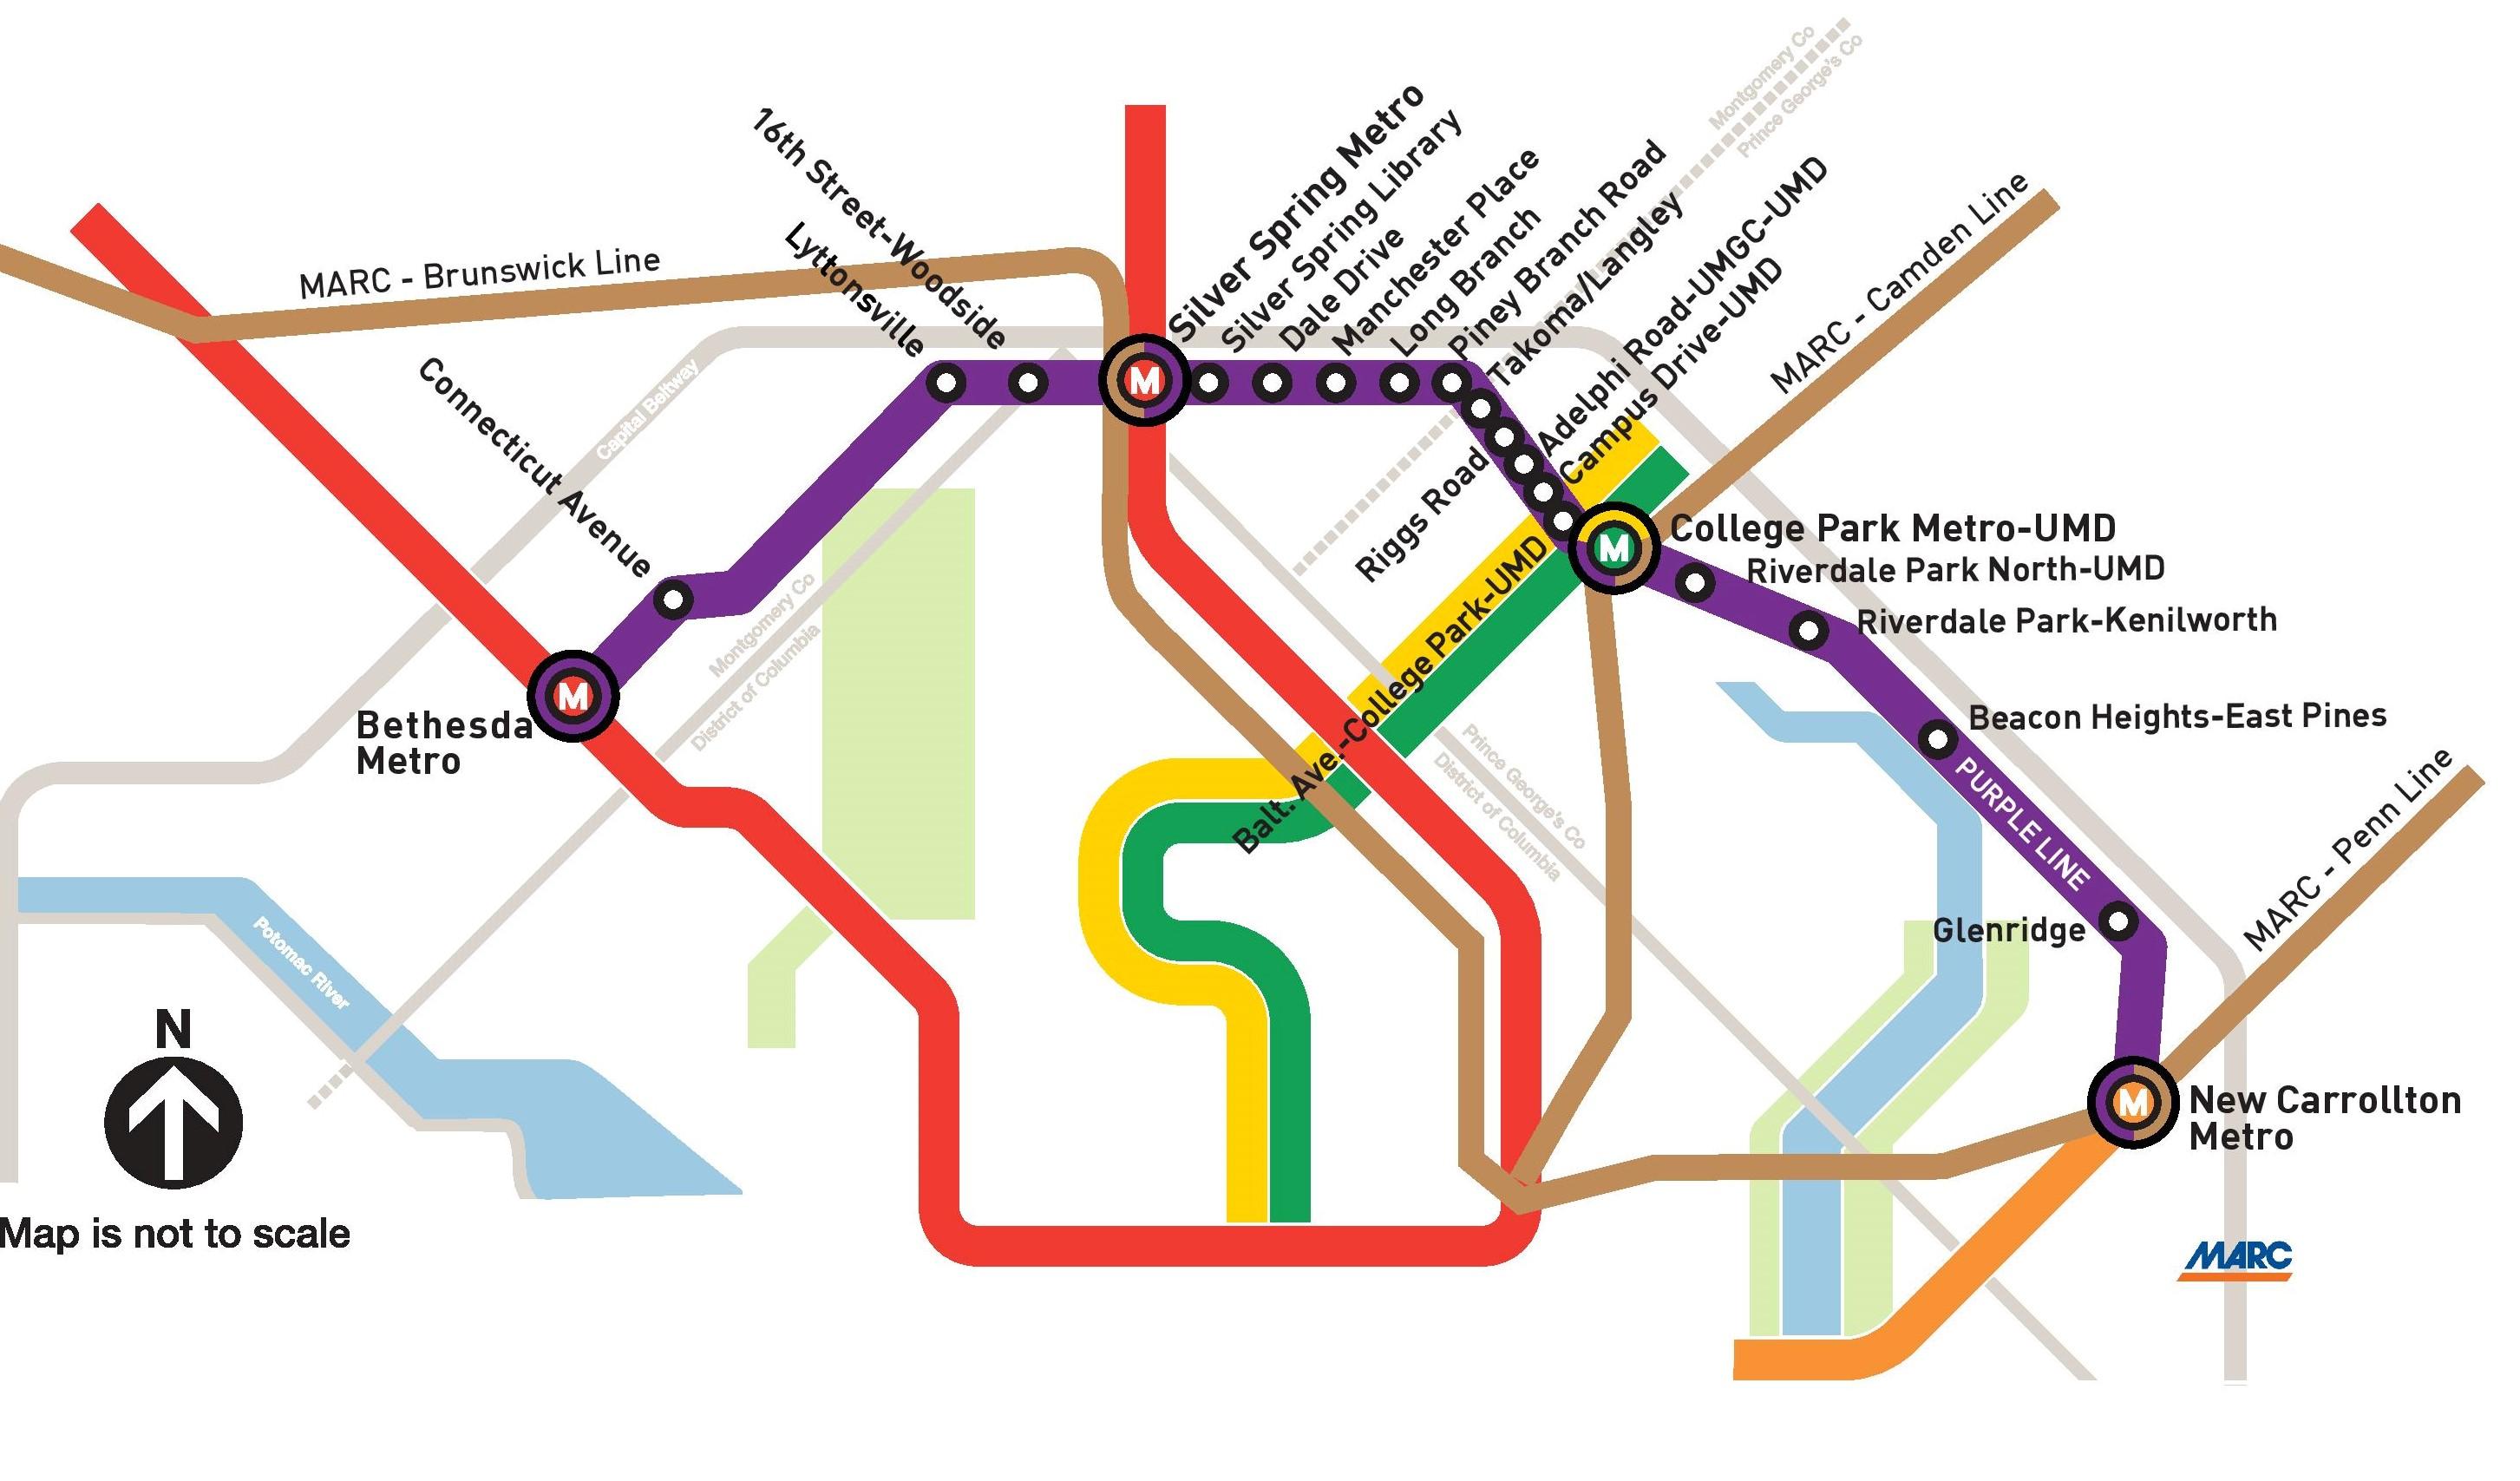 maryland light rail map Project Maps Mdot Mta Purple Line maryland light rail map